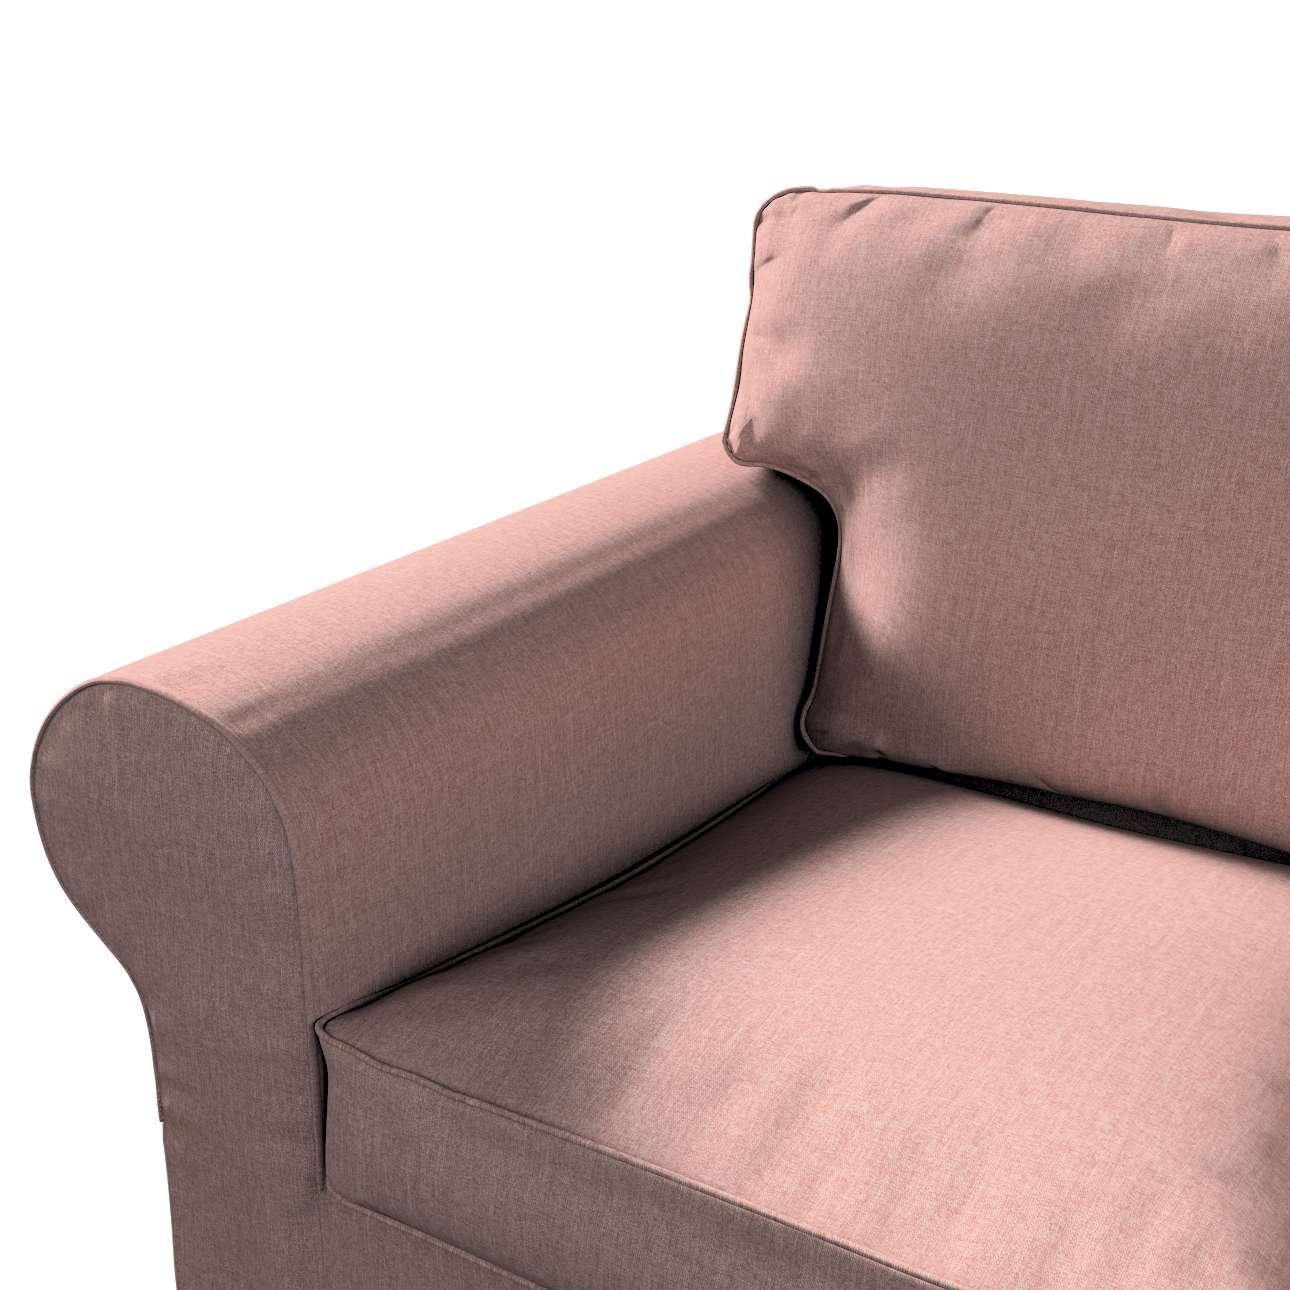 Pokrowiec na sofę Ektorp 2-osobową, rozkładaną, model do 2012 w kolekcji City, tkanina: 704-83